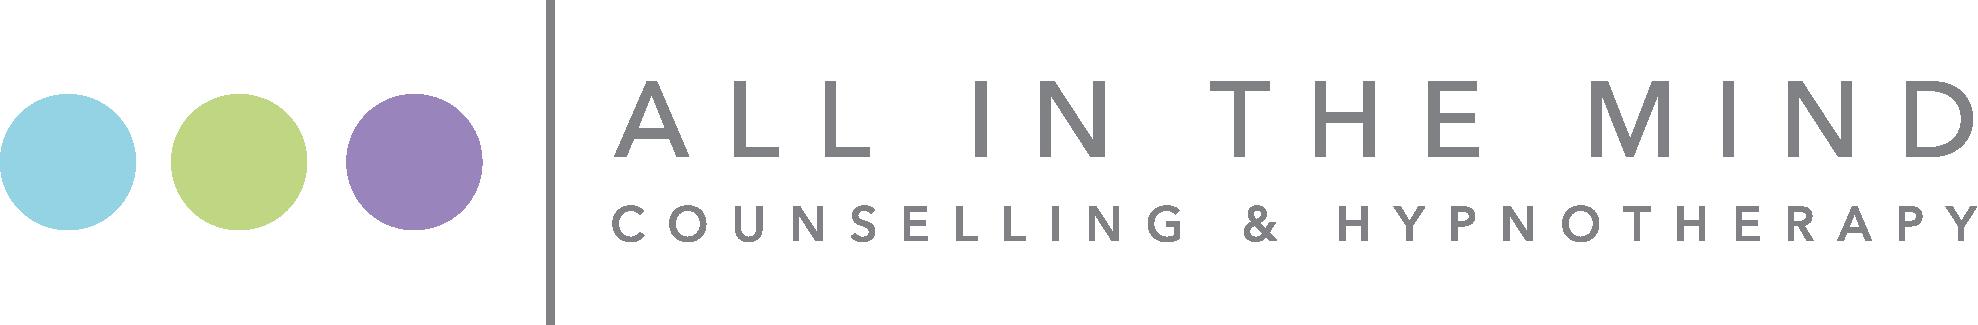 allin-the-mind.com